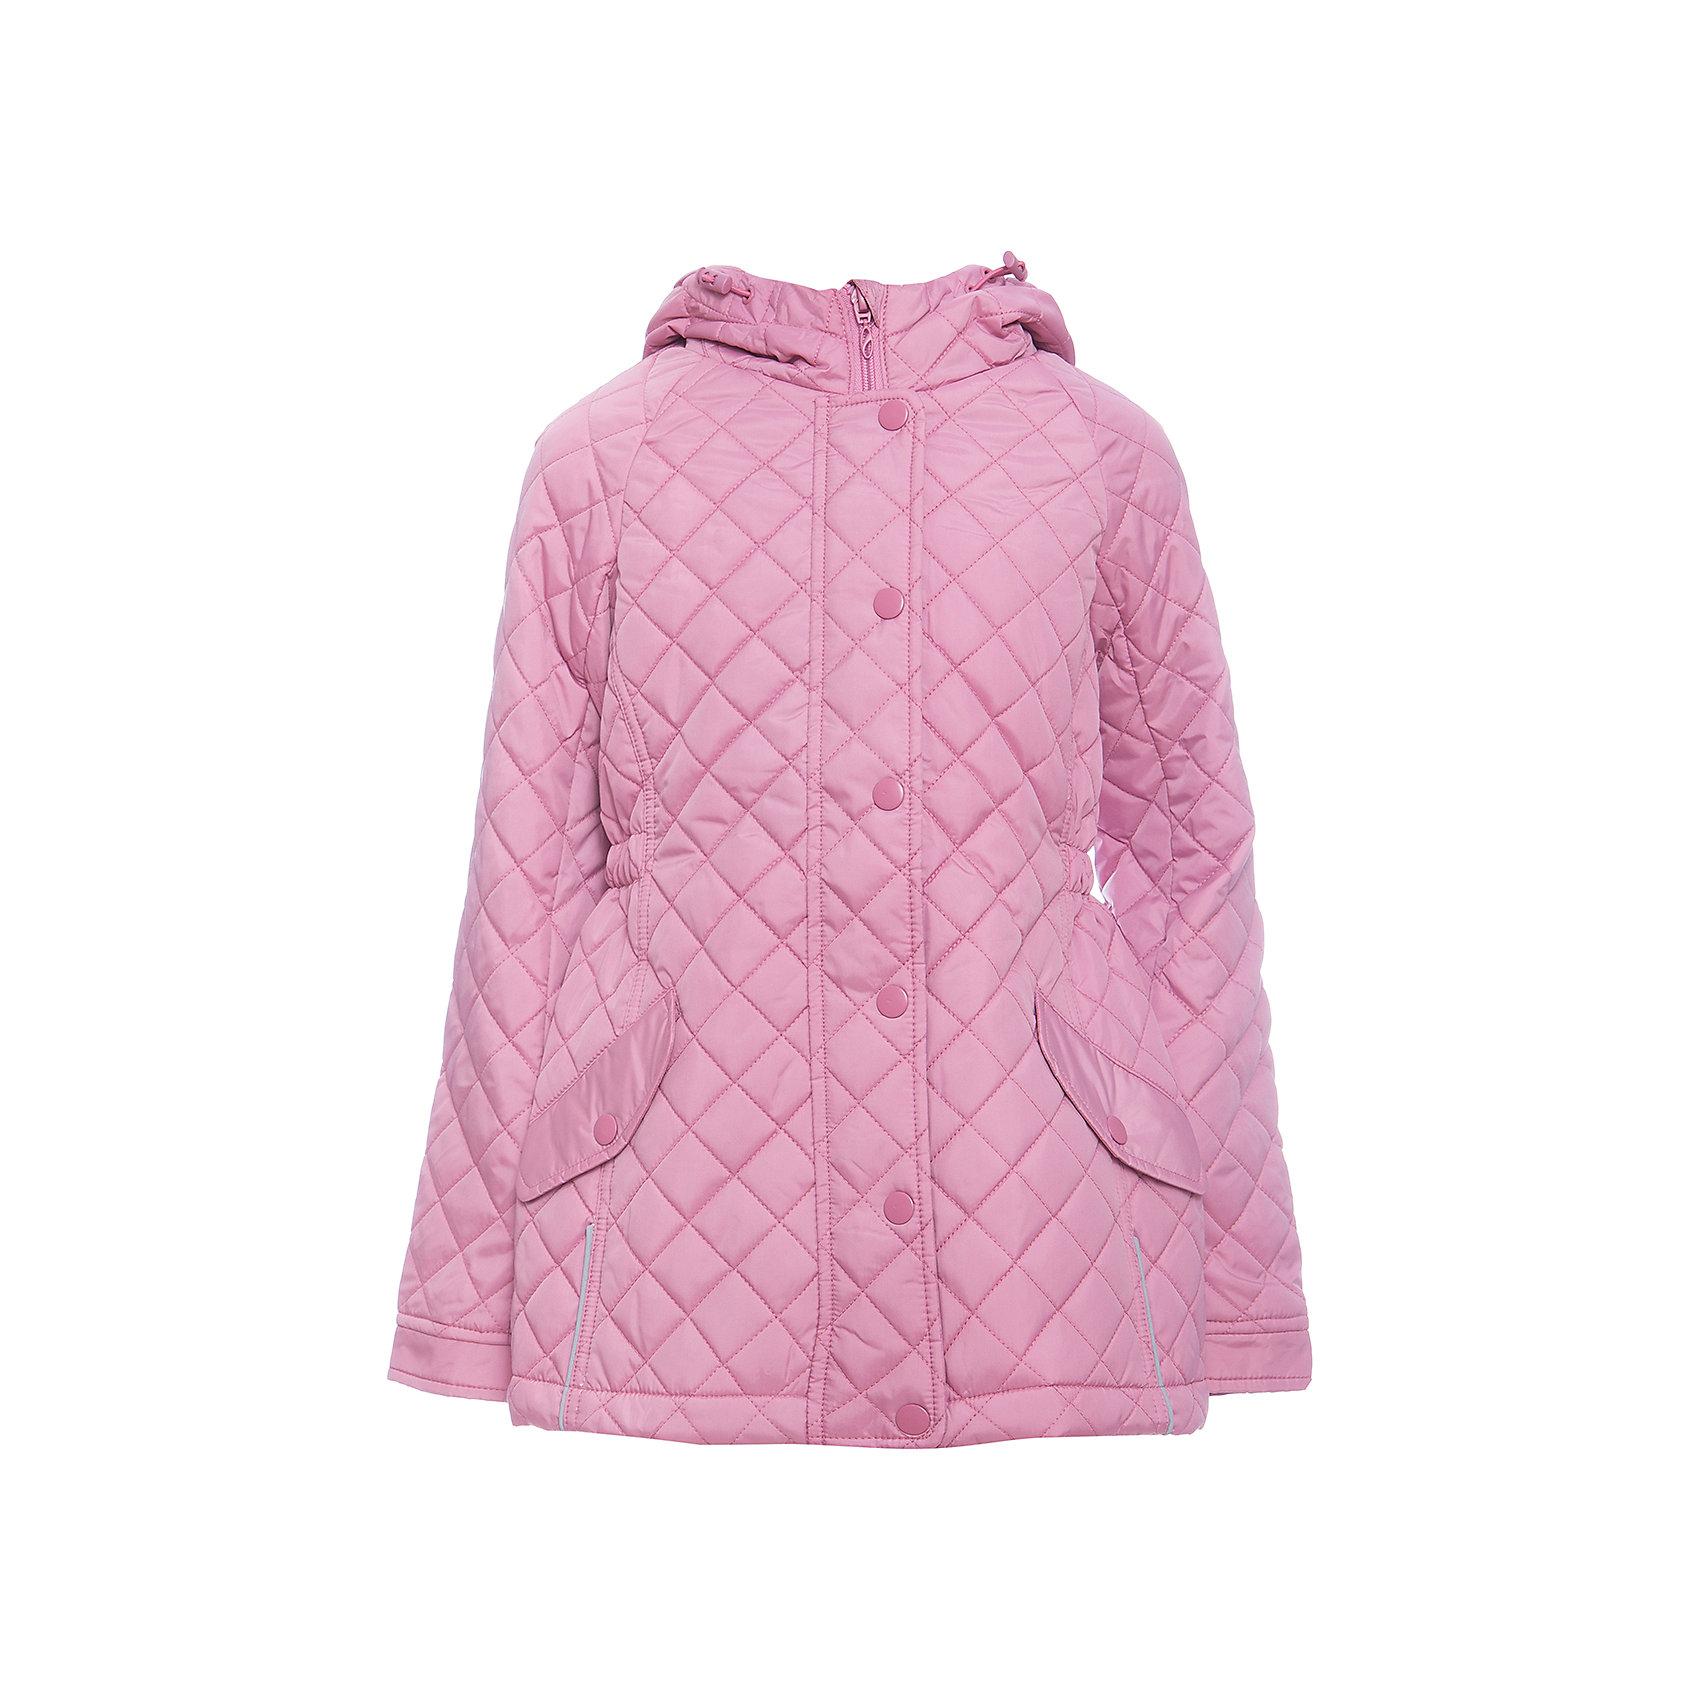 Куртка SELA для девочкиВерхняя одежда<br>Характеристики товара:<br><br>• цвет: розовый<br>• ткань верха: 100% полиэстер<br>• подкладка: 100% полиэстер<br>• утеплитель: 100% полиэстер<br>• сезон: демисезон<br>• температурный режим: от +5 до -10С<br>• особенности куртки: на молнии, стеганая<br>• капюшон: без меха, несъемный<br>• застежка: молния<br>• страна бренда: Исполиамидния<br>• страна изготовитель: Индия<br><br>Розовая детская куртка подойдет для прохладной погоды. Отличный способ обеспечить ребенку тепло и комфорт - надеть теплую куртку для девочки от Sela. Детская куртка сшита из качественного материала. Куртка для девочки Mayoral дополнена удобным капюшоном. <br><br>Куртку для девочки Sela (Села) можно купить в нашем интернет-магазине.<br><br>Ширина мм: 356<br>Глубина мм: 10<br>Высота мм: 245<br>Вес г: 519<br>Цвет: оранжевый<br>Возраст от месяцев: 132<br>Возраст до месяцев: 144<br>Пол: Женский<br>Возраст: Детский<br>Размер: 152,122,128,140<br>SKU: 7032287